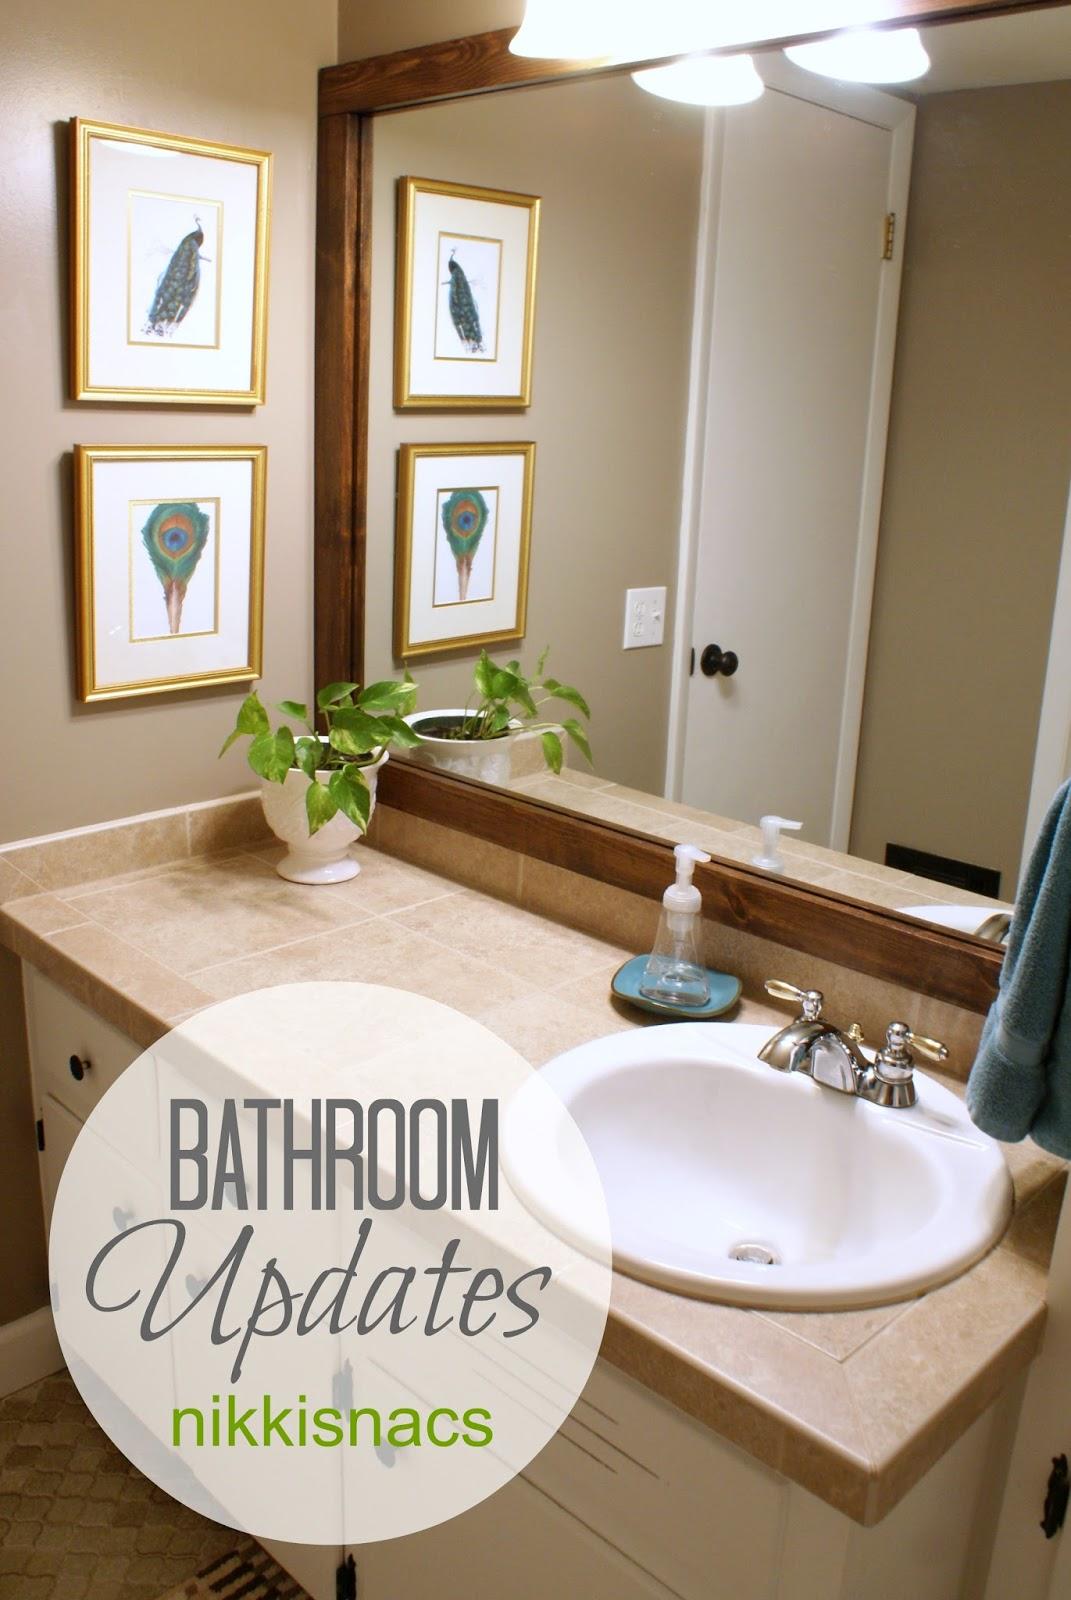 Combathroom Updates : Bathroom Updates